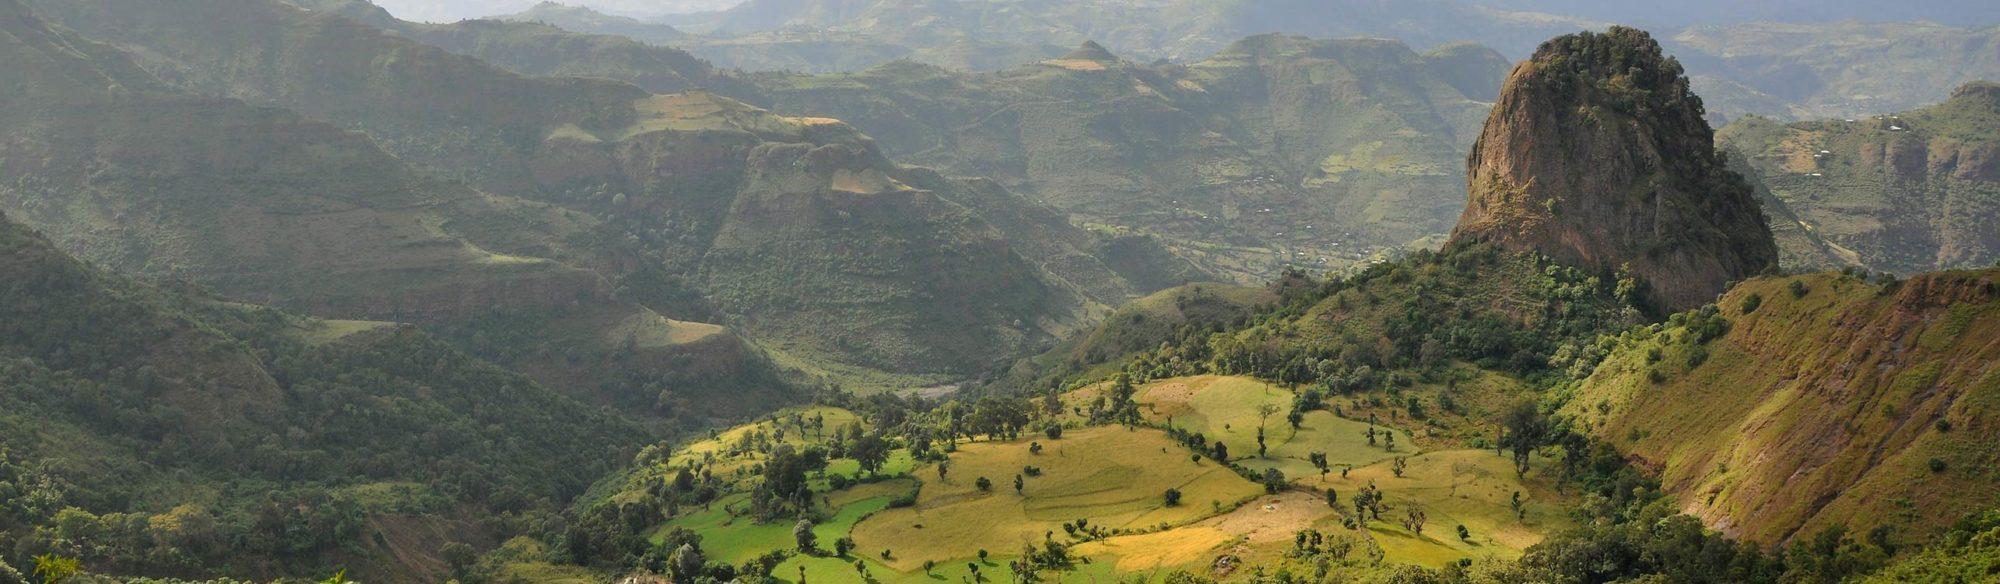 Voyage<br>en Éthiopie